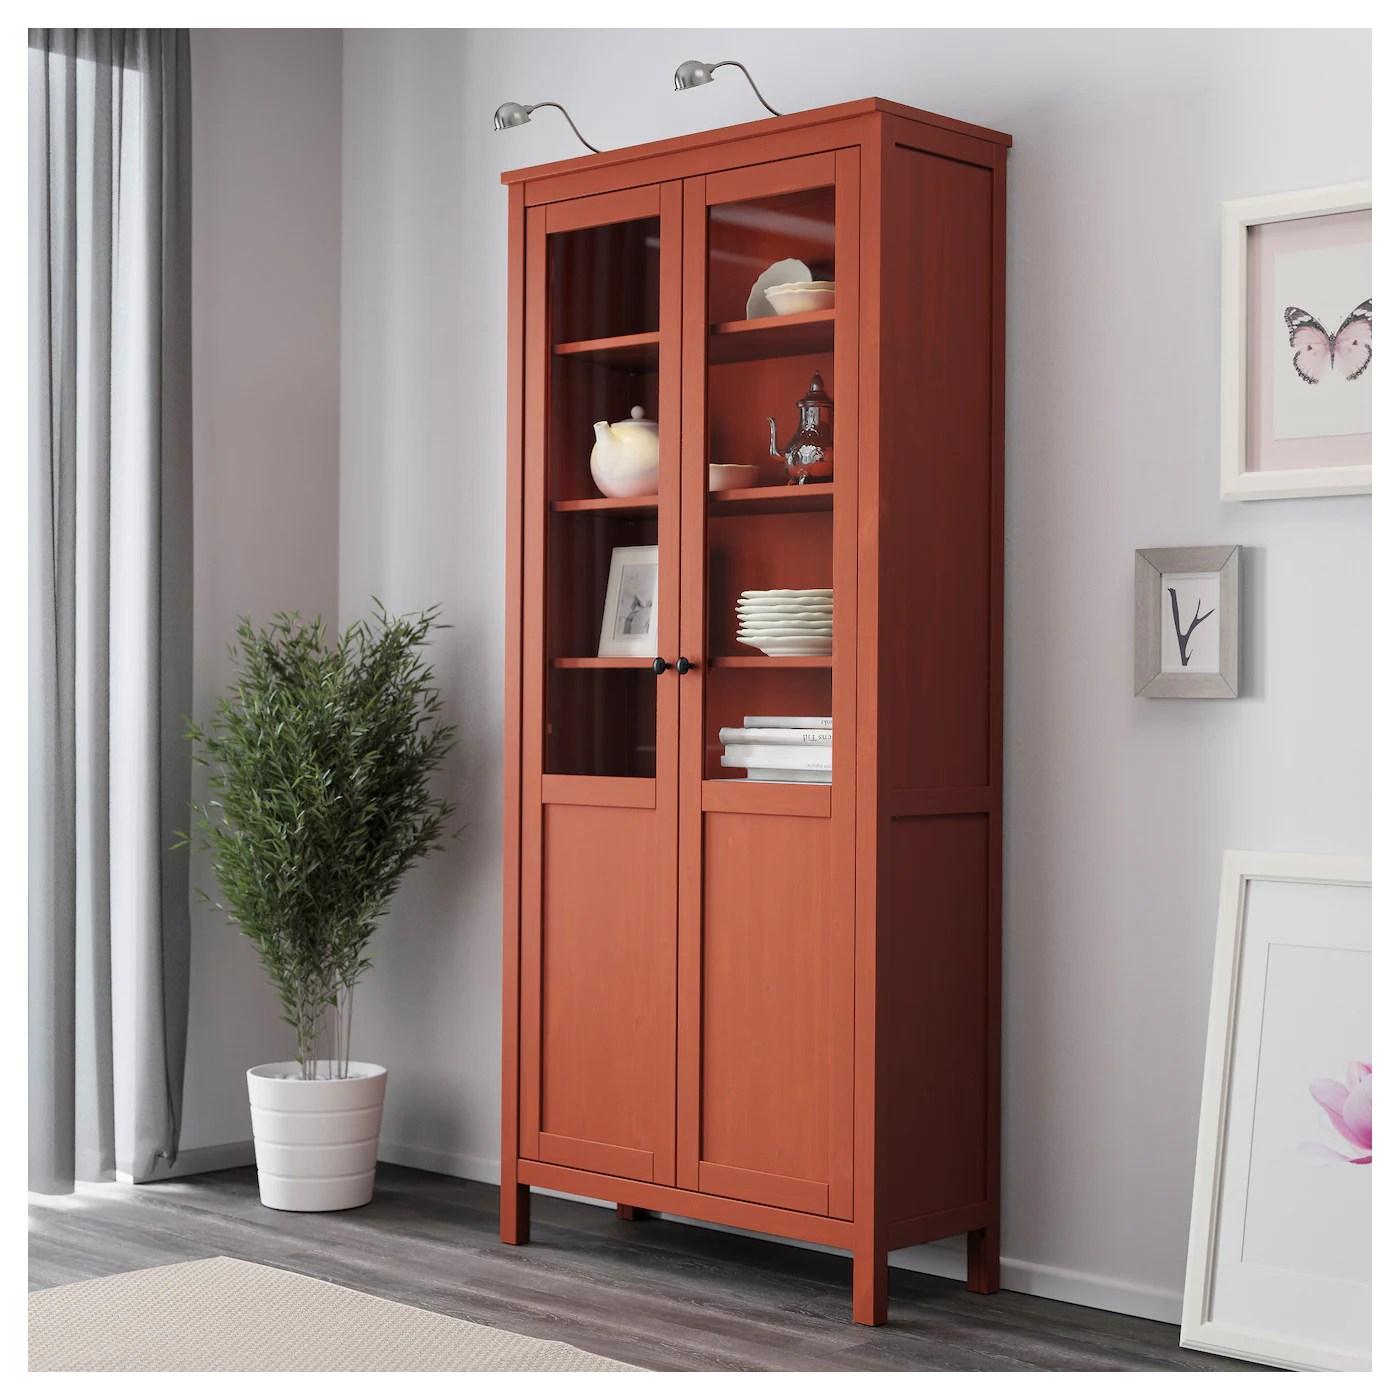 IKEA Hemnes Cabinet With Glass Panel Door